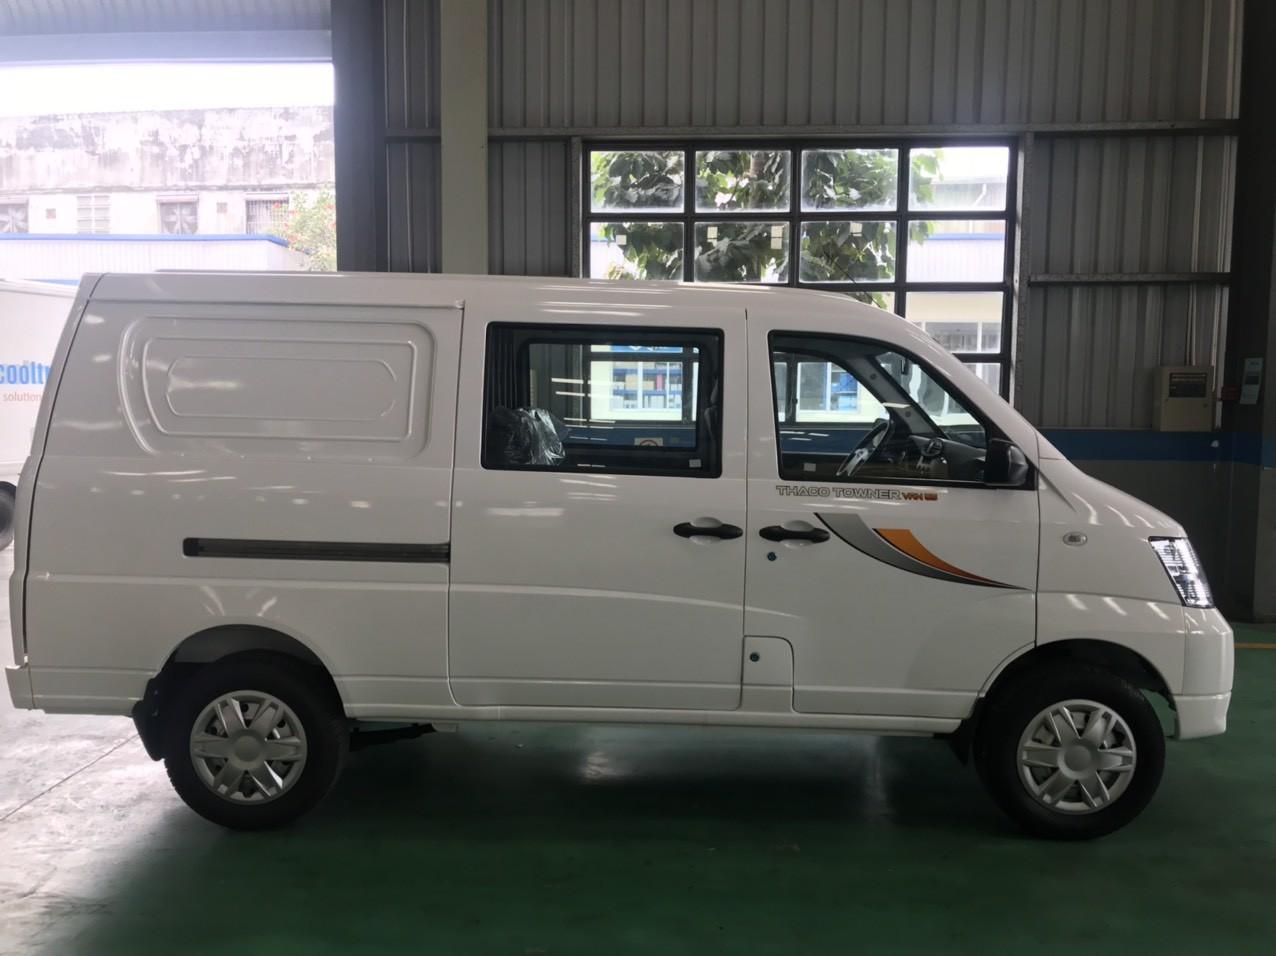 Xe Towner Van 5S xe chuyên chạy giờ cấm 24/24. Xe van công nghệ Nhật Bản. Chất lượng an tâm